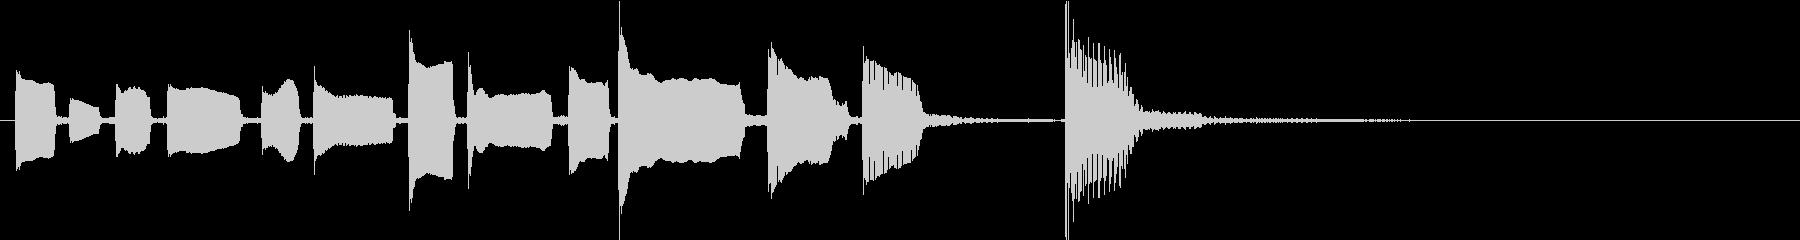 起承転結を感じるエレキギターのジングルの未再生の波形